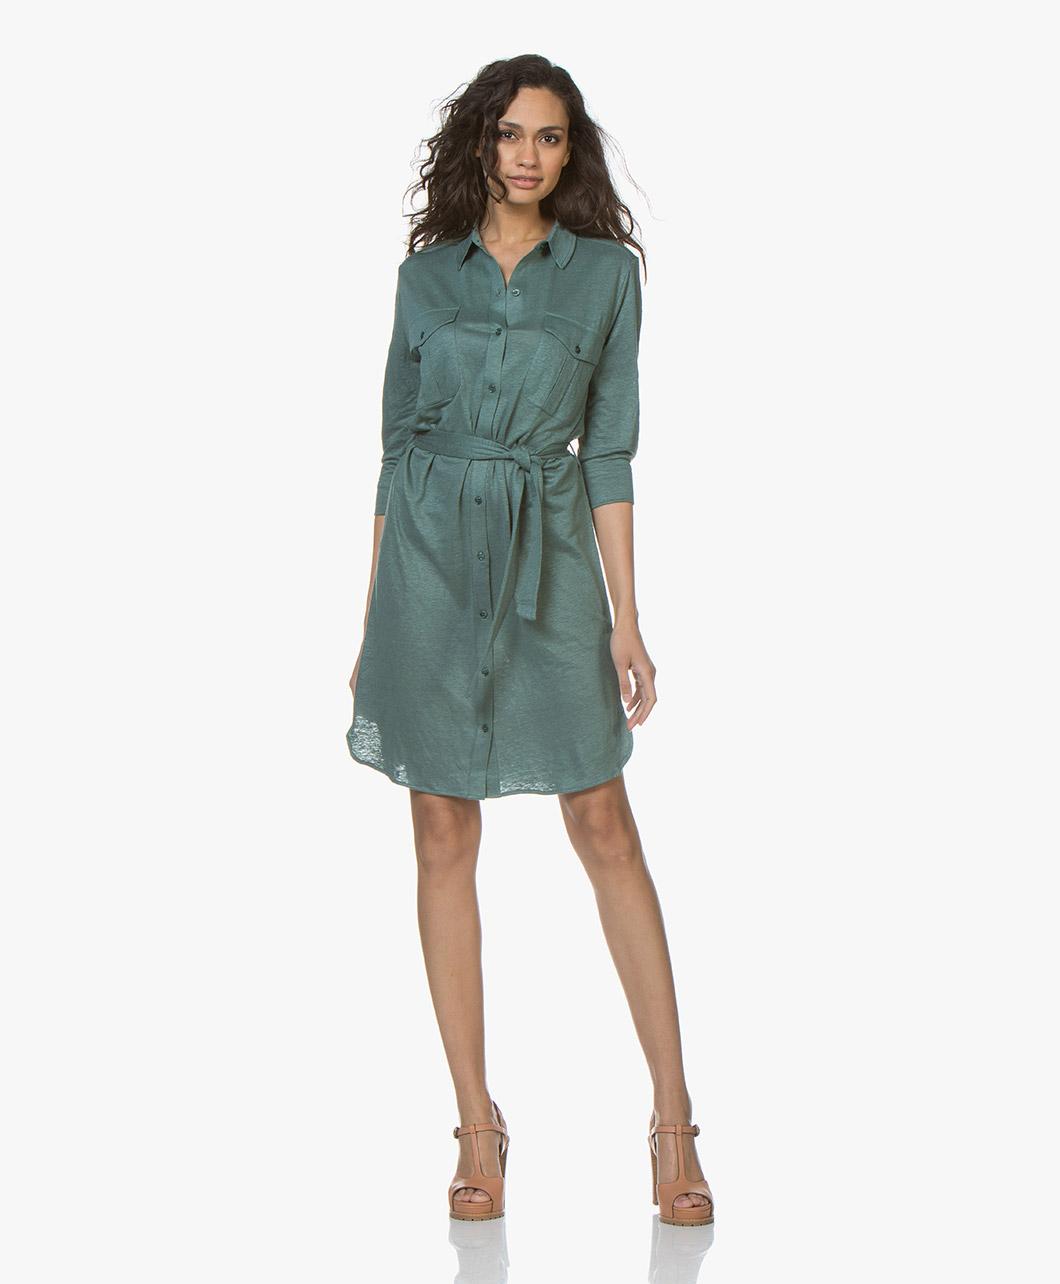 Majestic Filatures Jersey Linen Dress Shirt Dress Tuscan Green